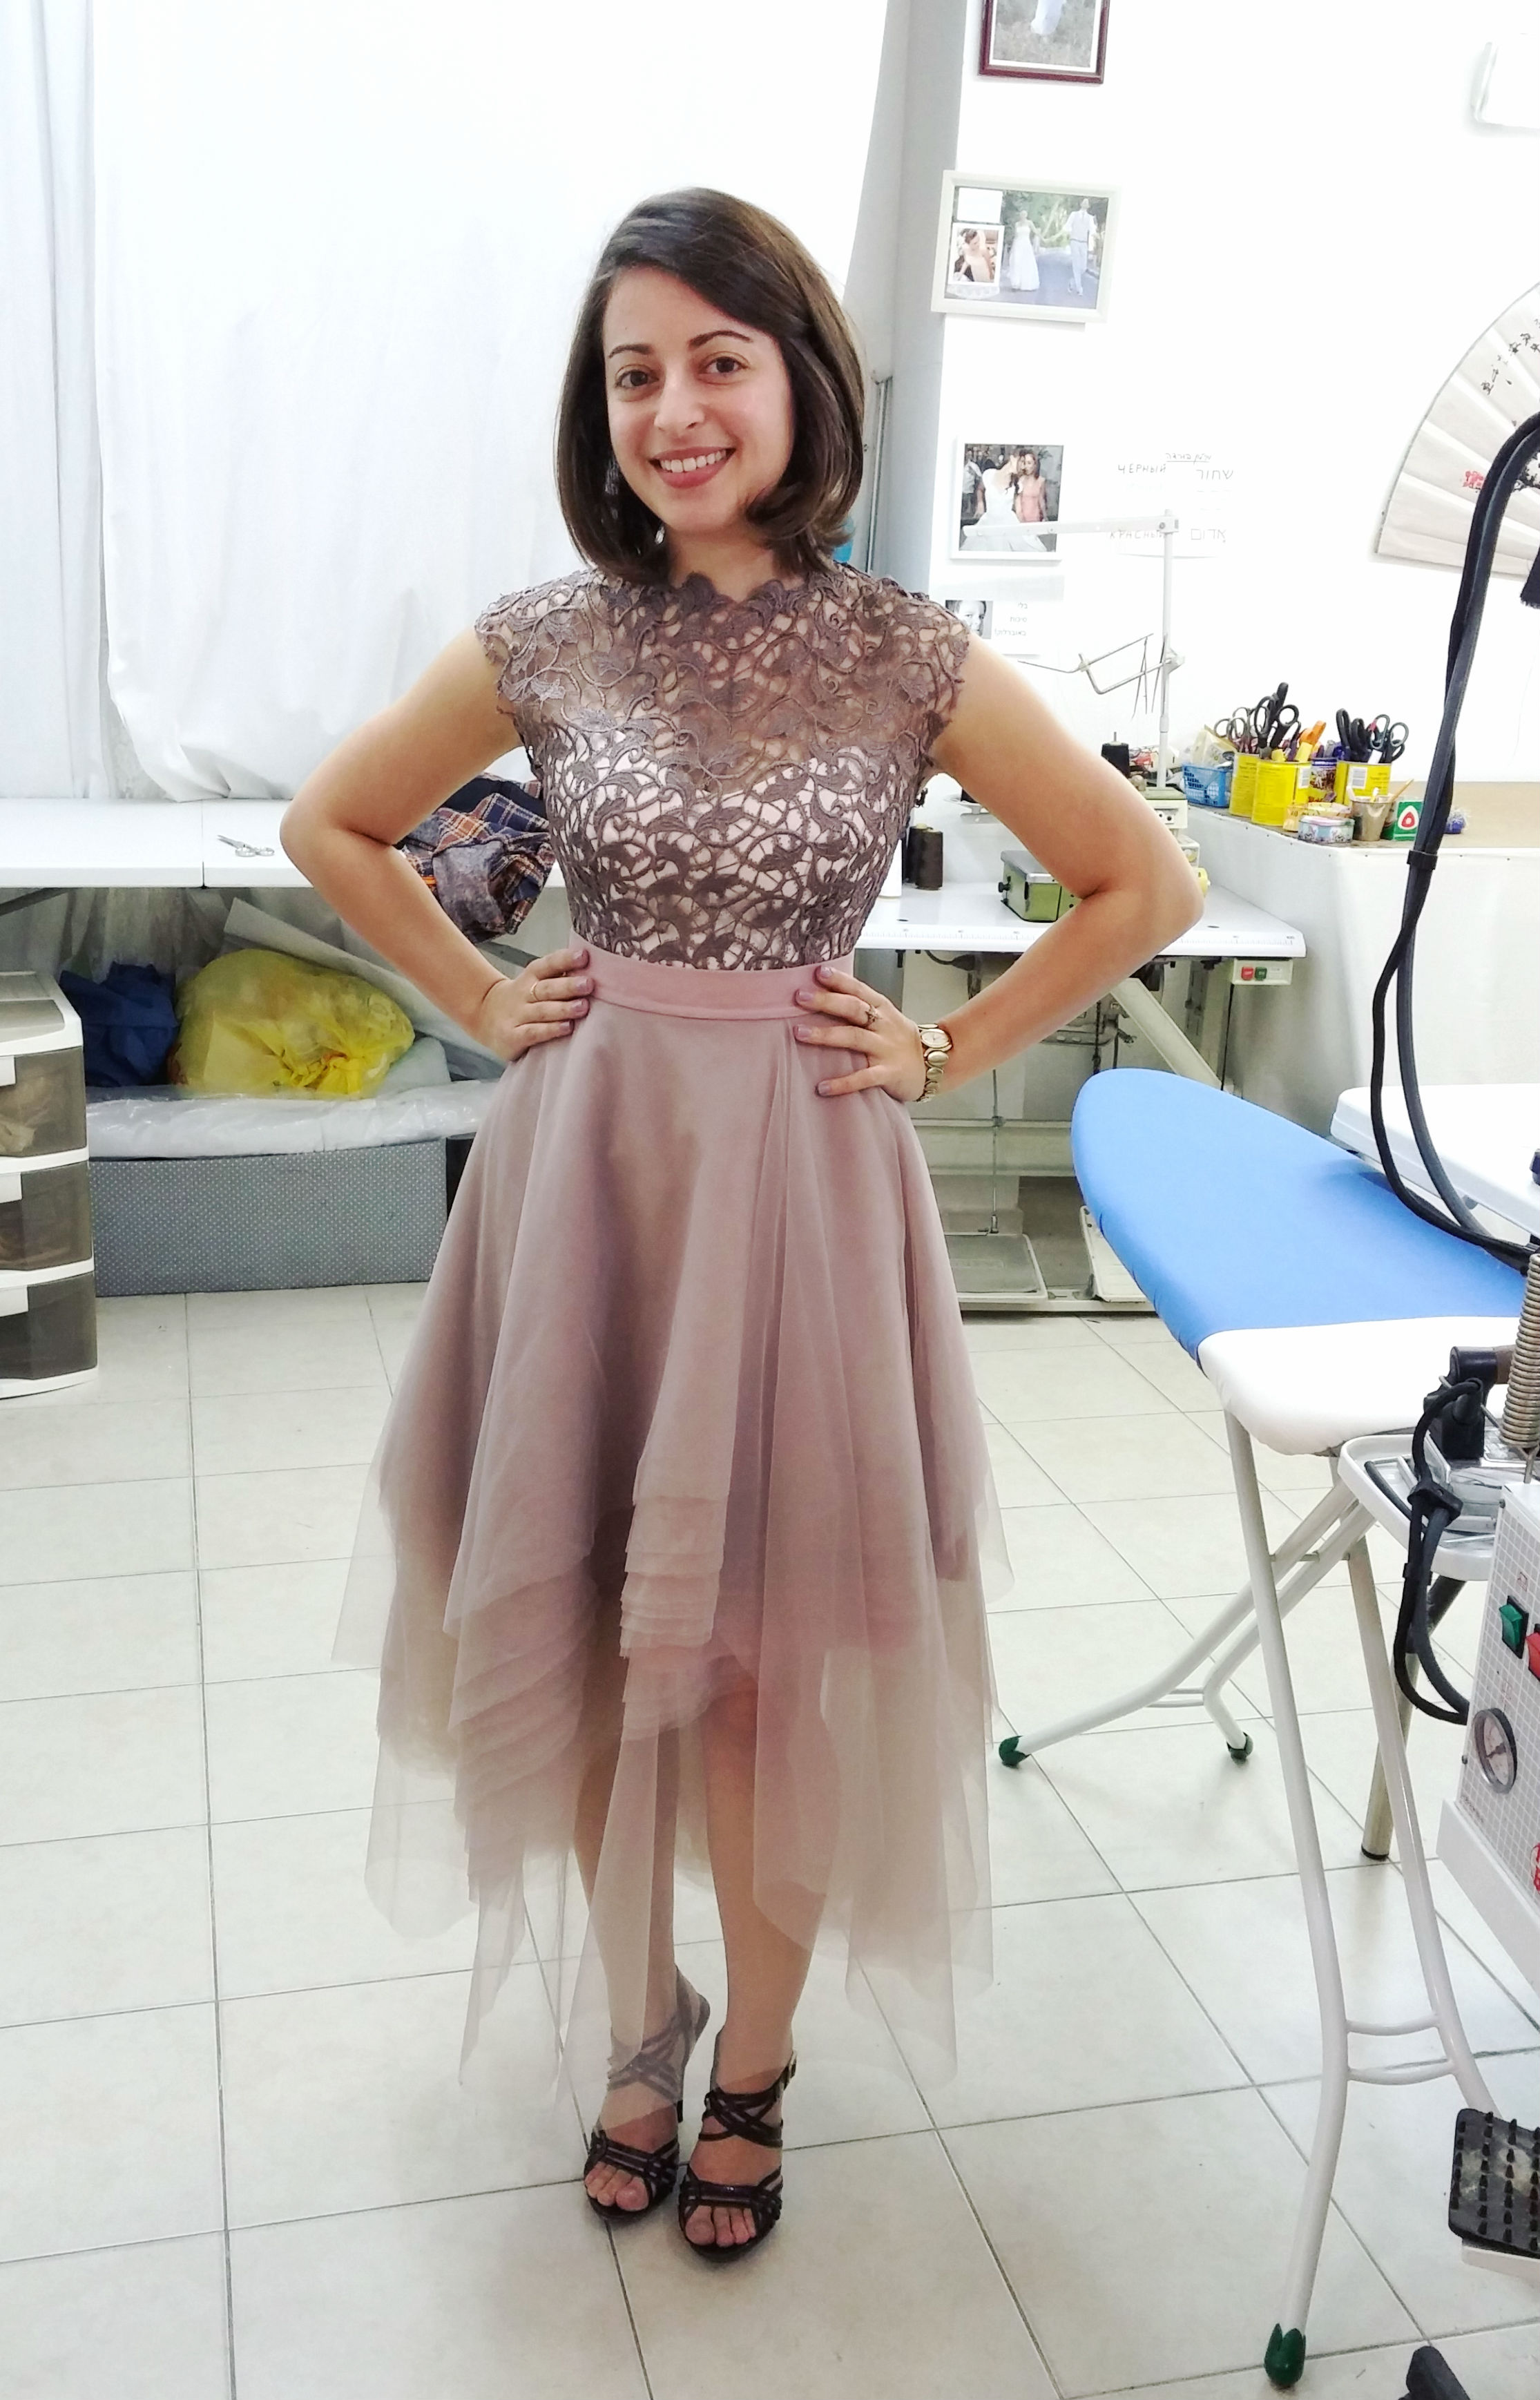 אורלי בשמלה בעיצובה